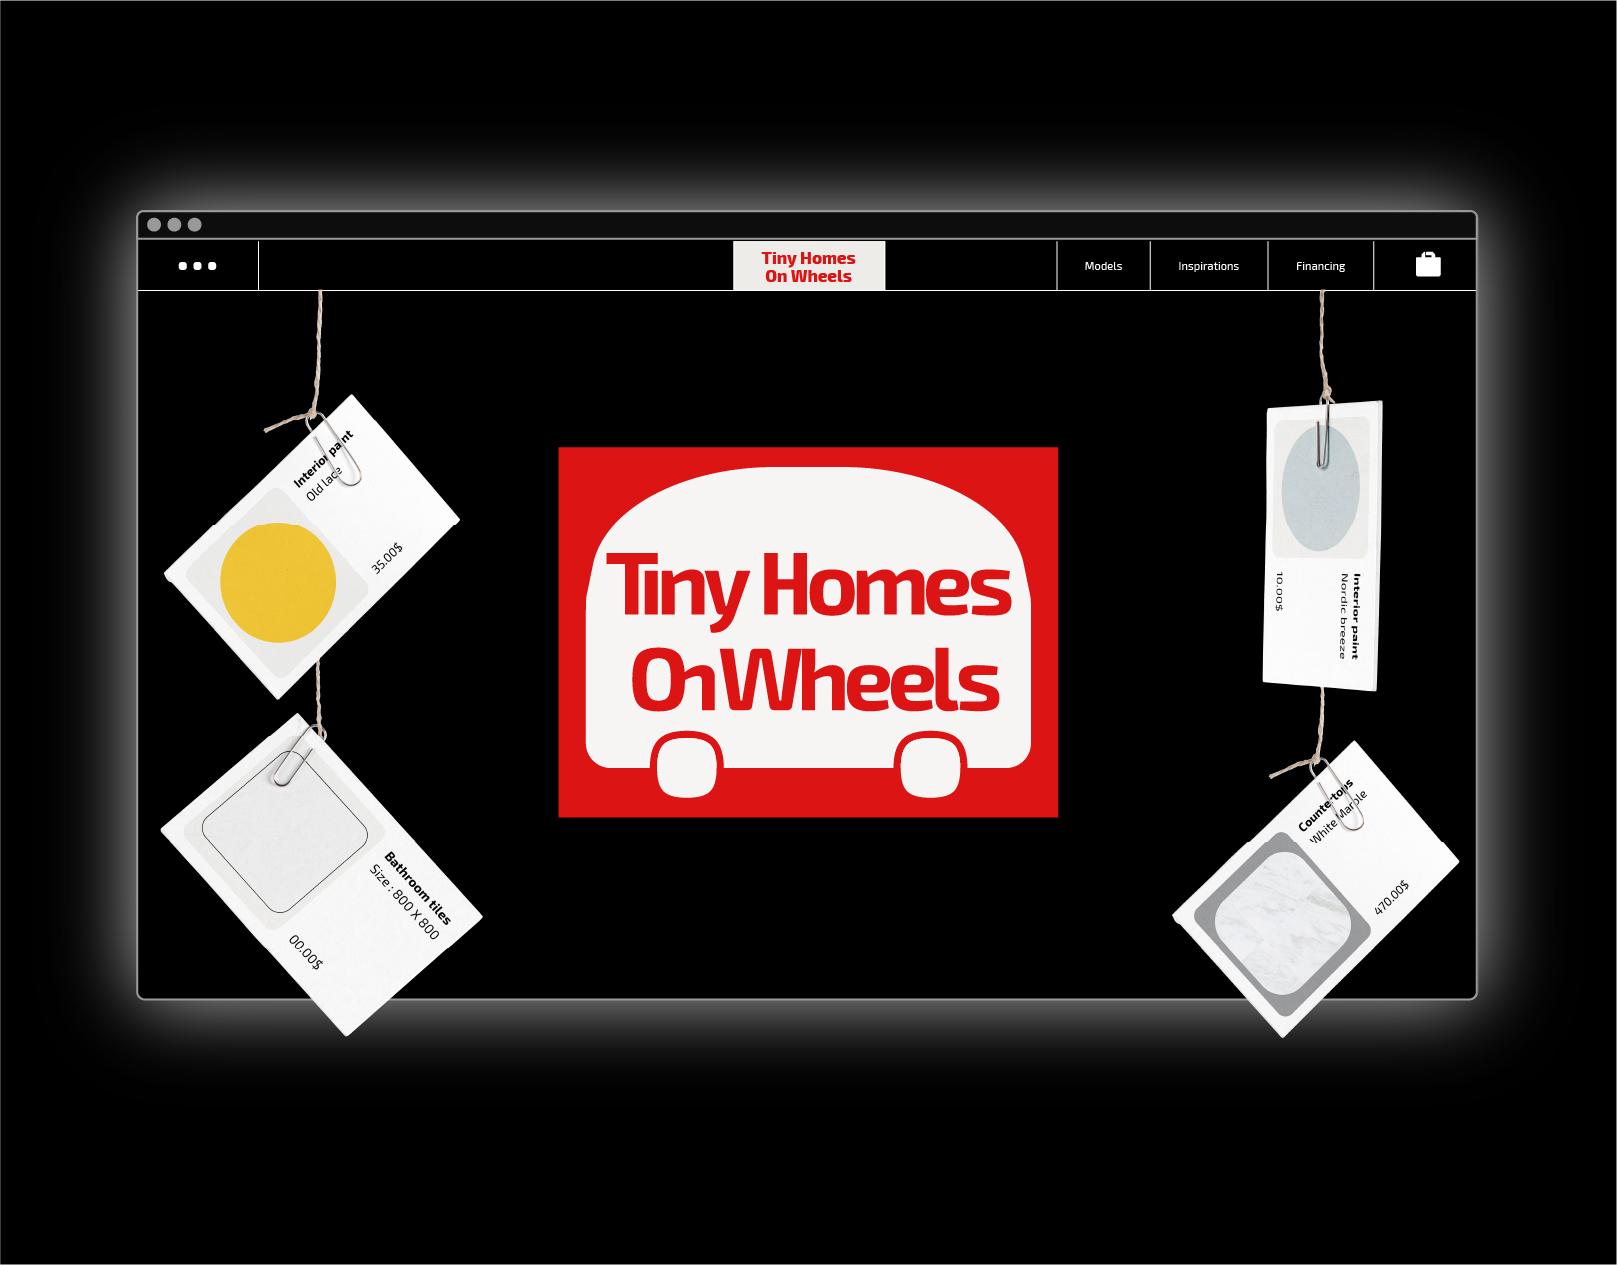 Tiny Homes On Wheels